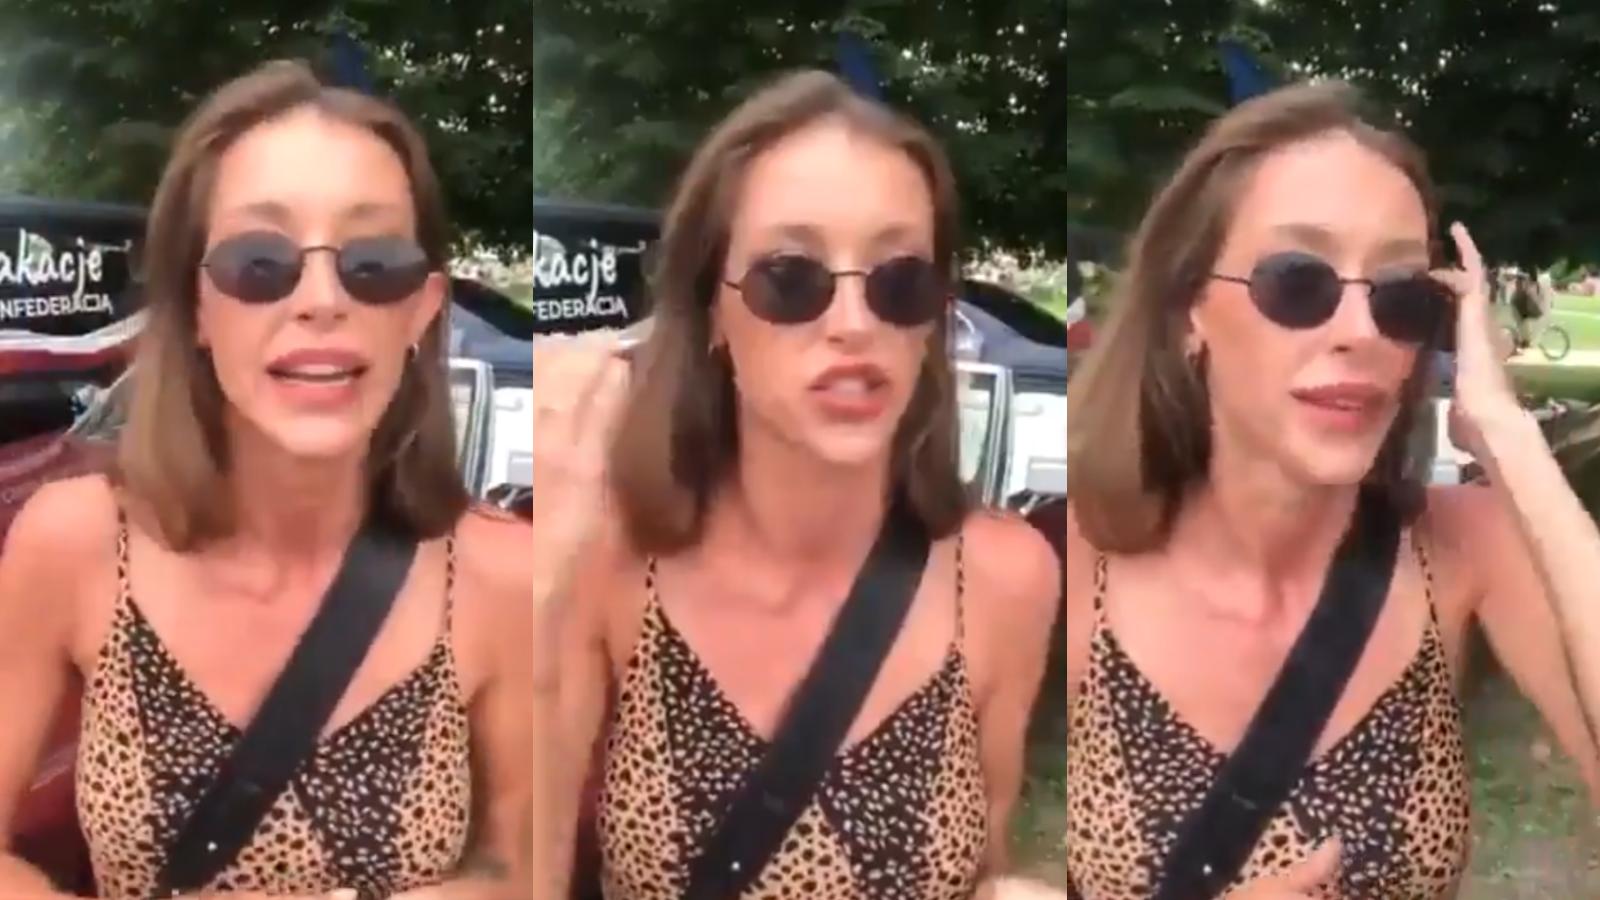 """Modelka, która chce Polski bez Żydów i LGBT: """"Lewica zrobiła mi reklamę wartą setki tysięcy"""""""